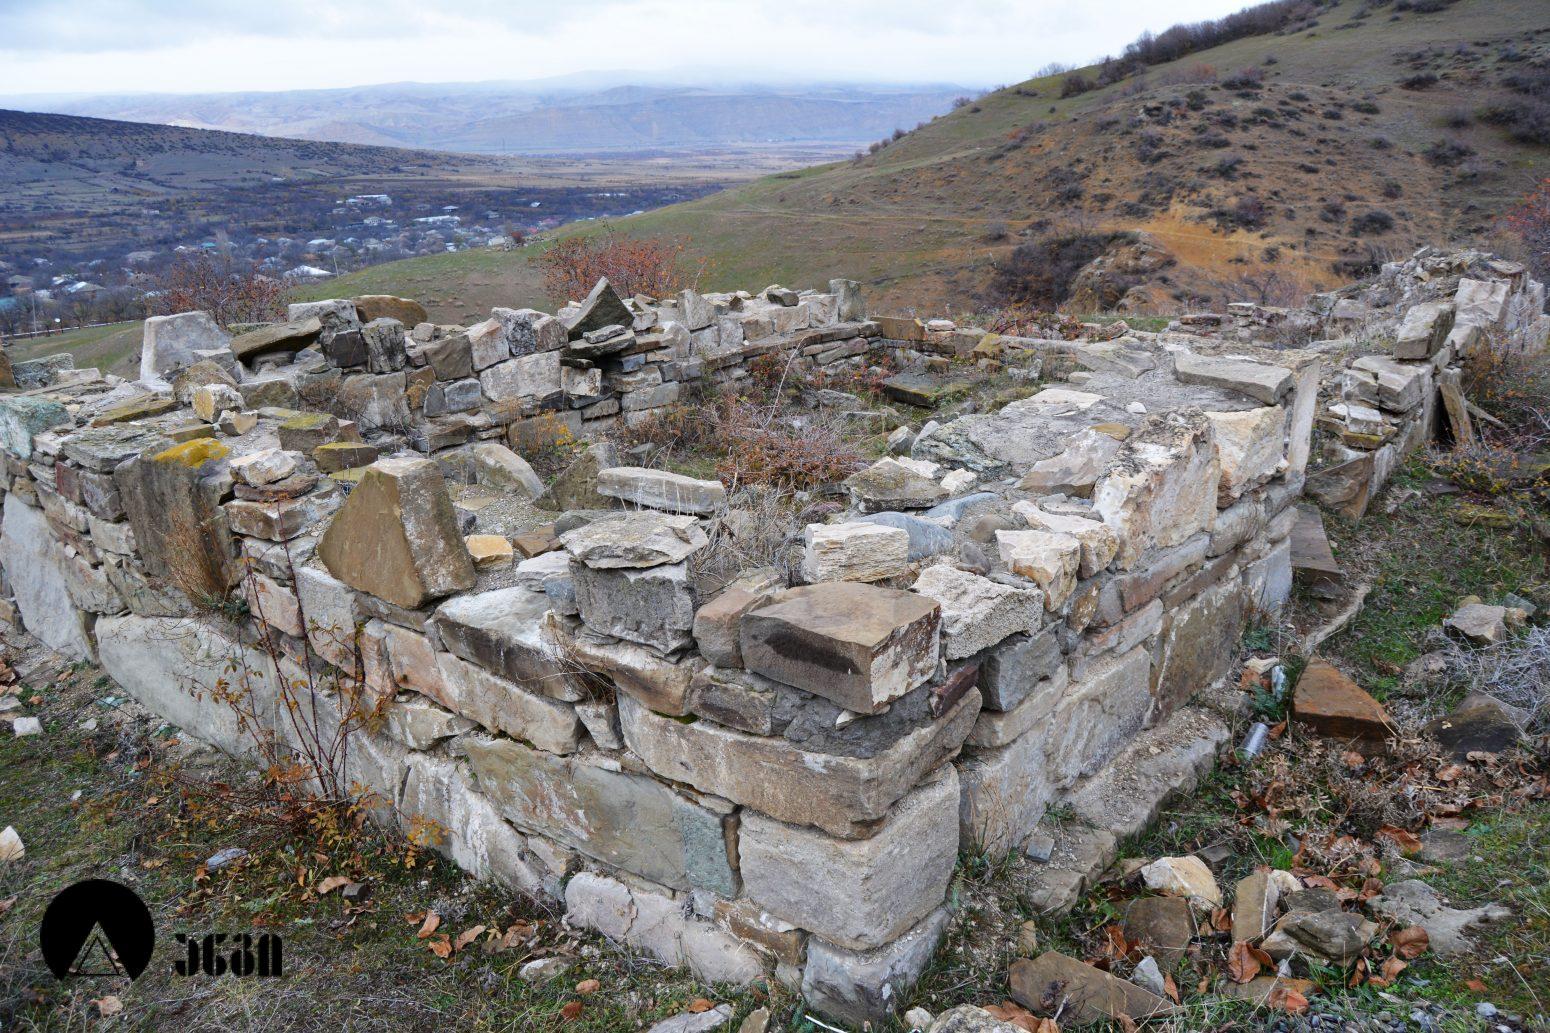 ხოვლეს წმინდა თევდორეს ეკლესია (კვირიკეწმინდა)